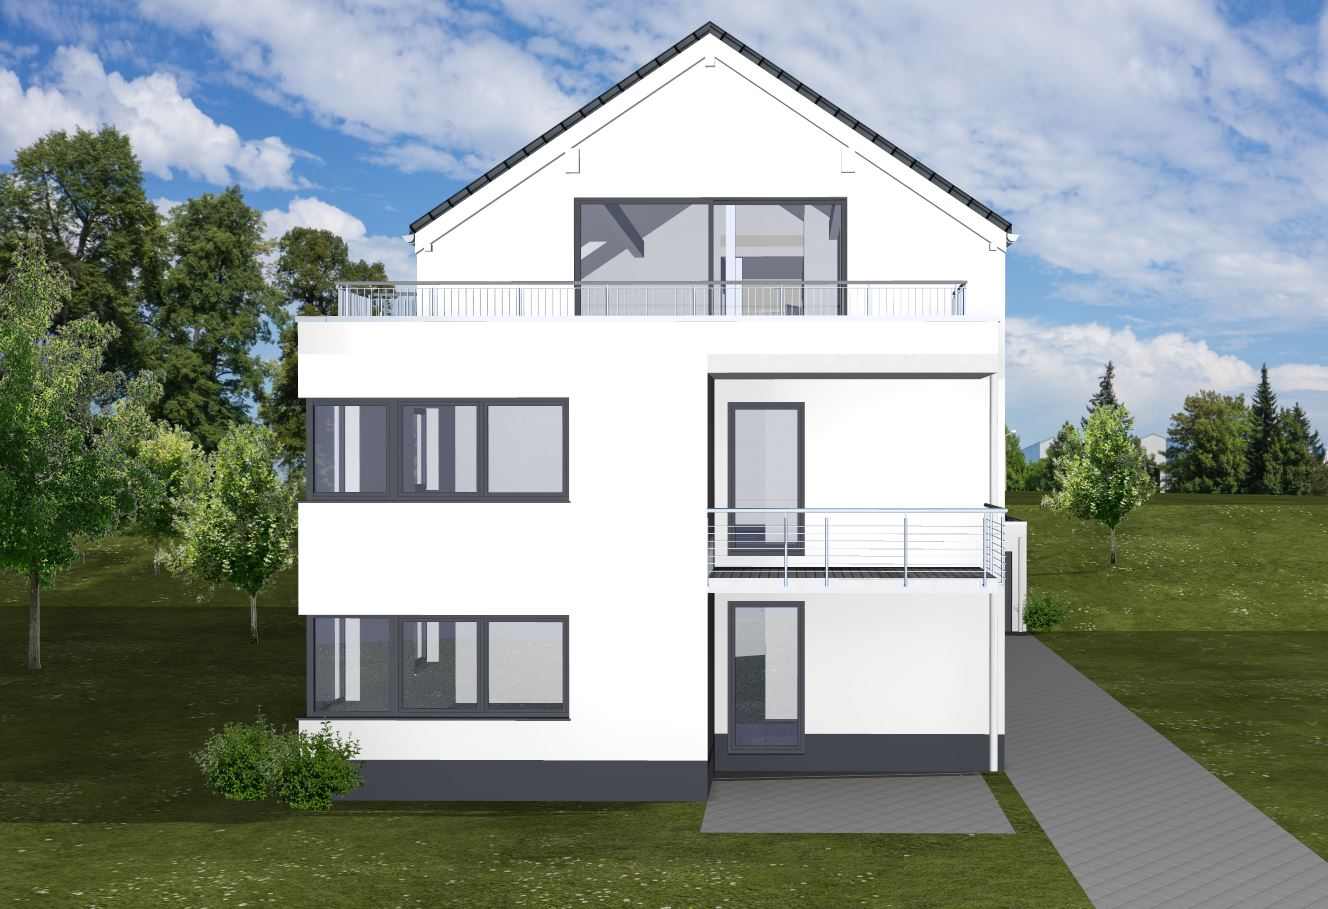 Mehrfamilienhaus | www.artos-haus.de Bild 5